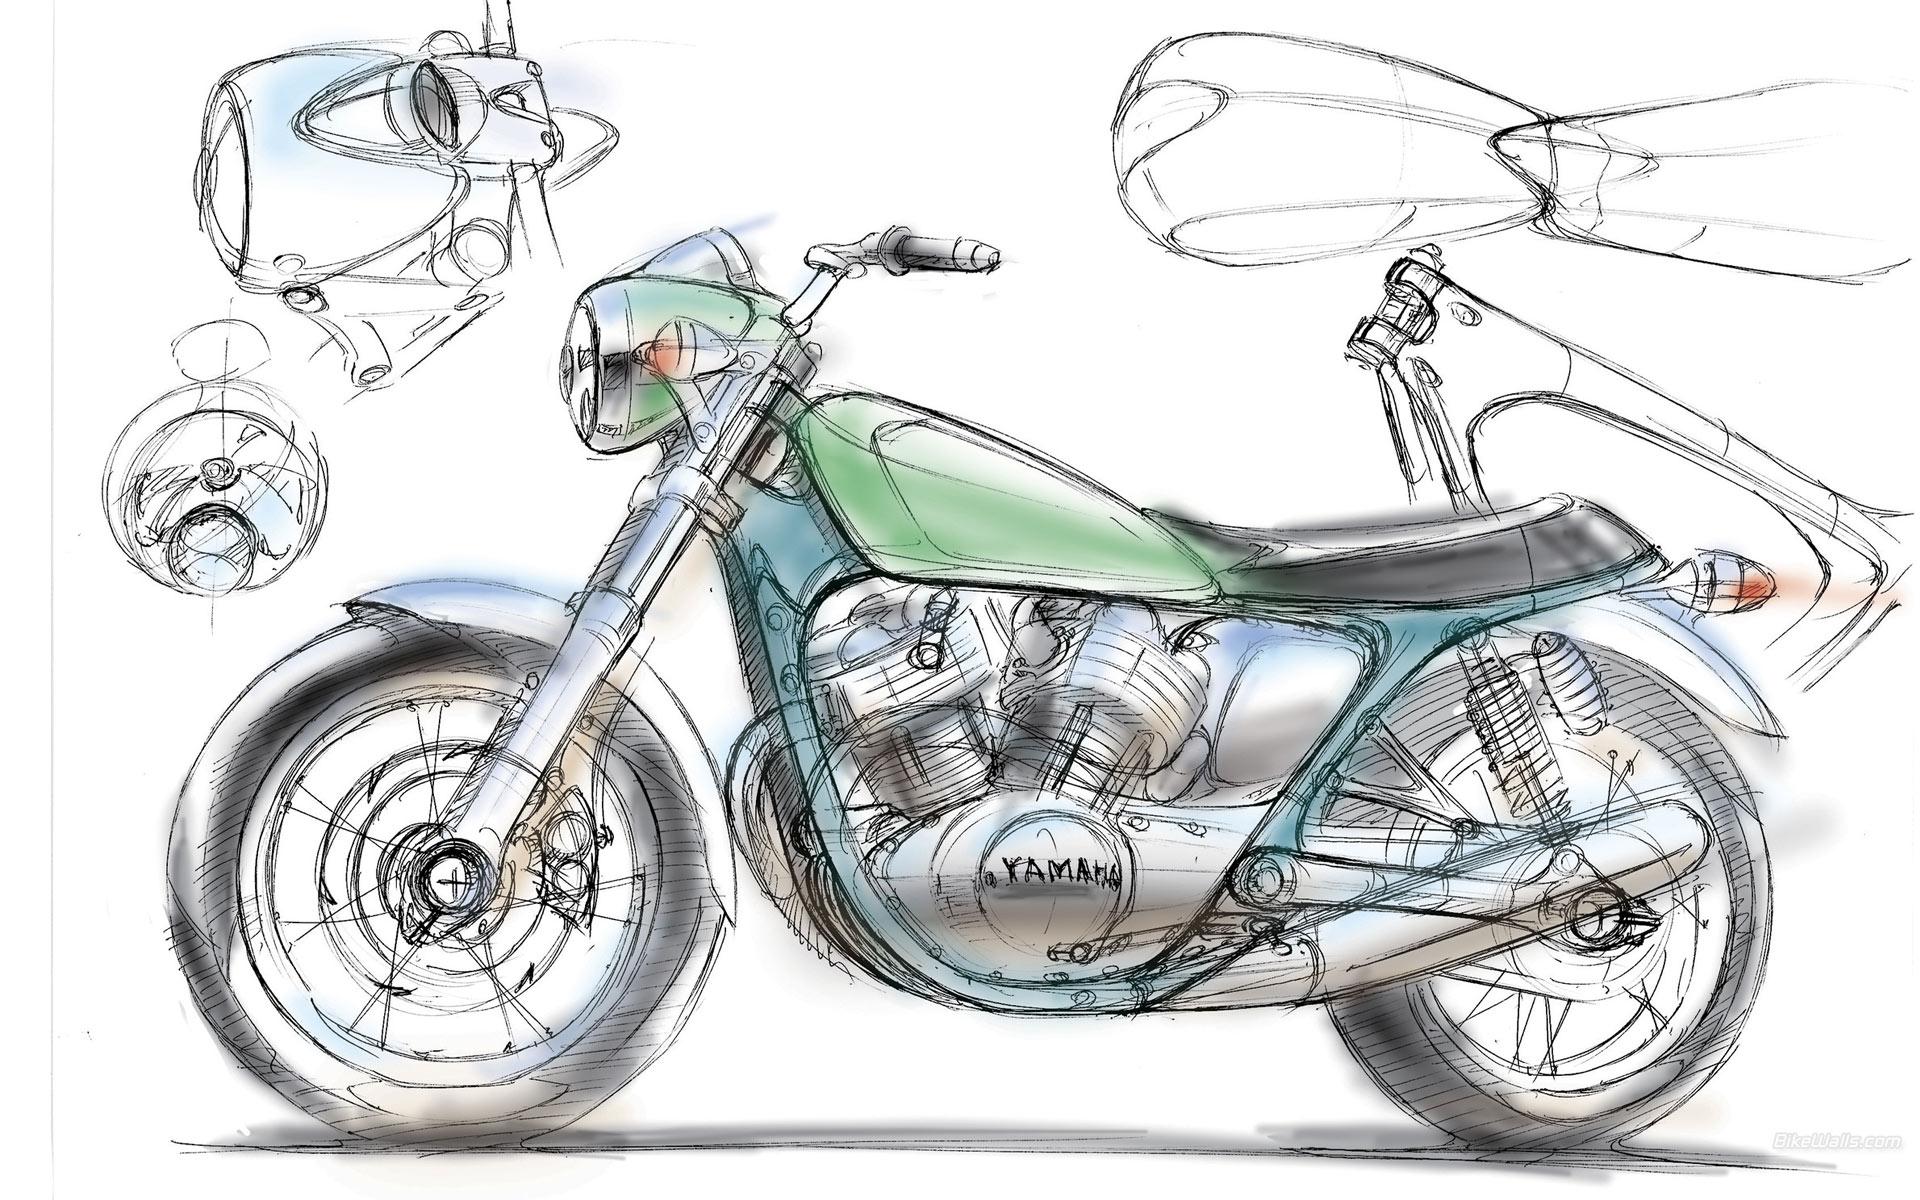 Yamaha clipart yama Sketch illustration Yamaha Yamaha Motorcycle